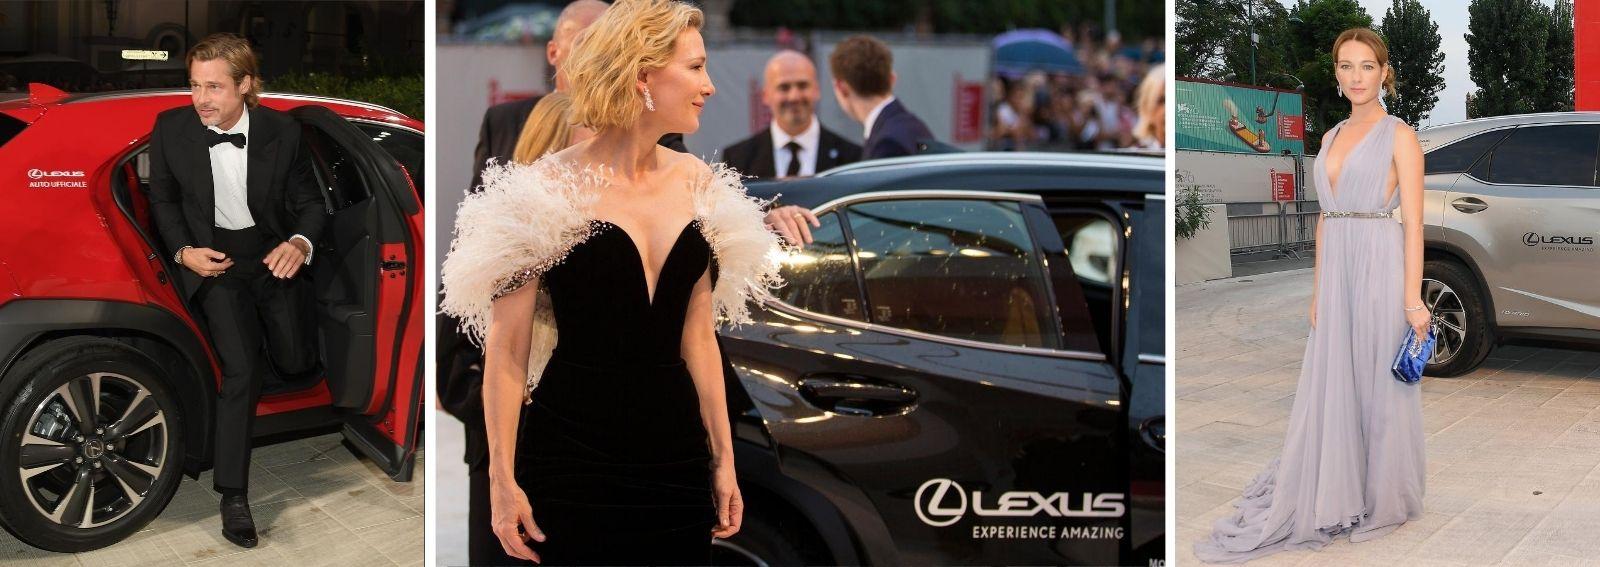 Lexus auto ufficiale festival cinema venezia 2020 DESK